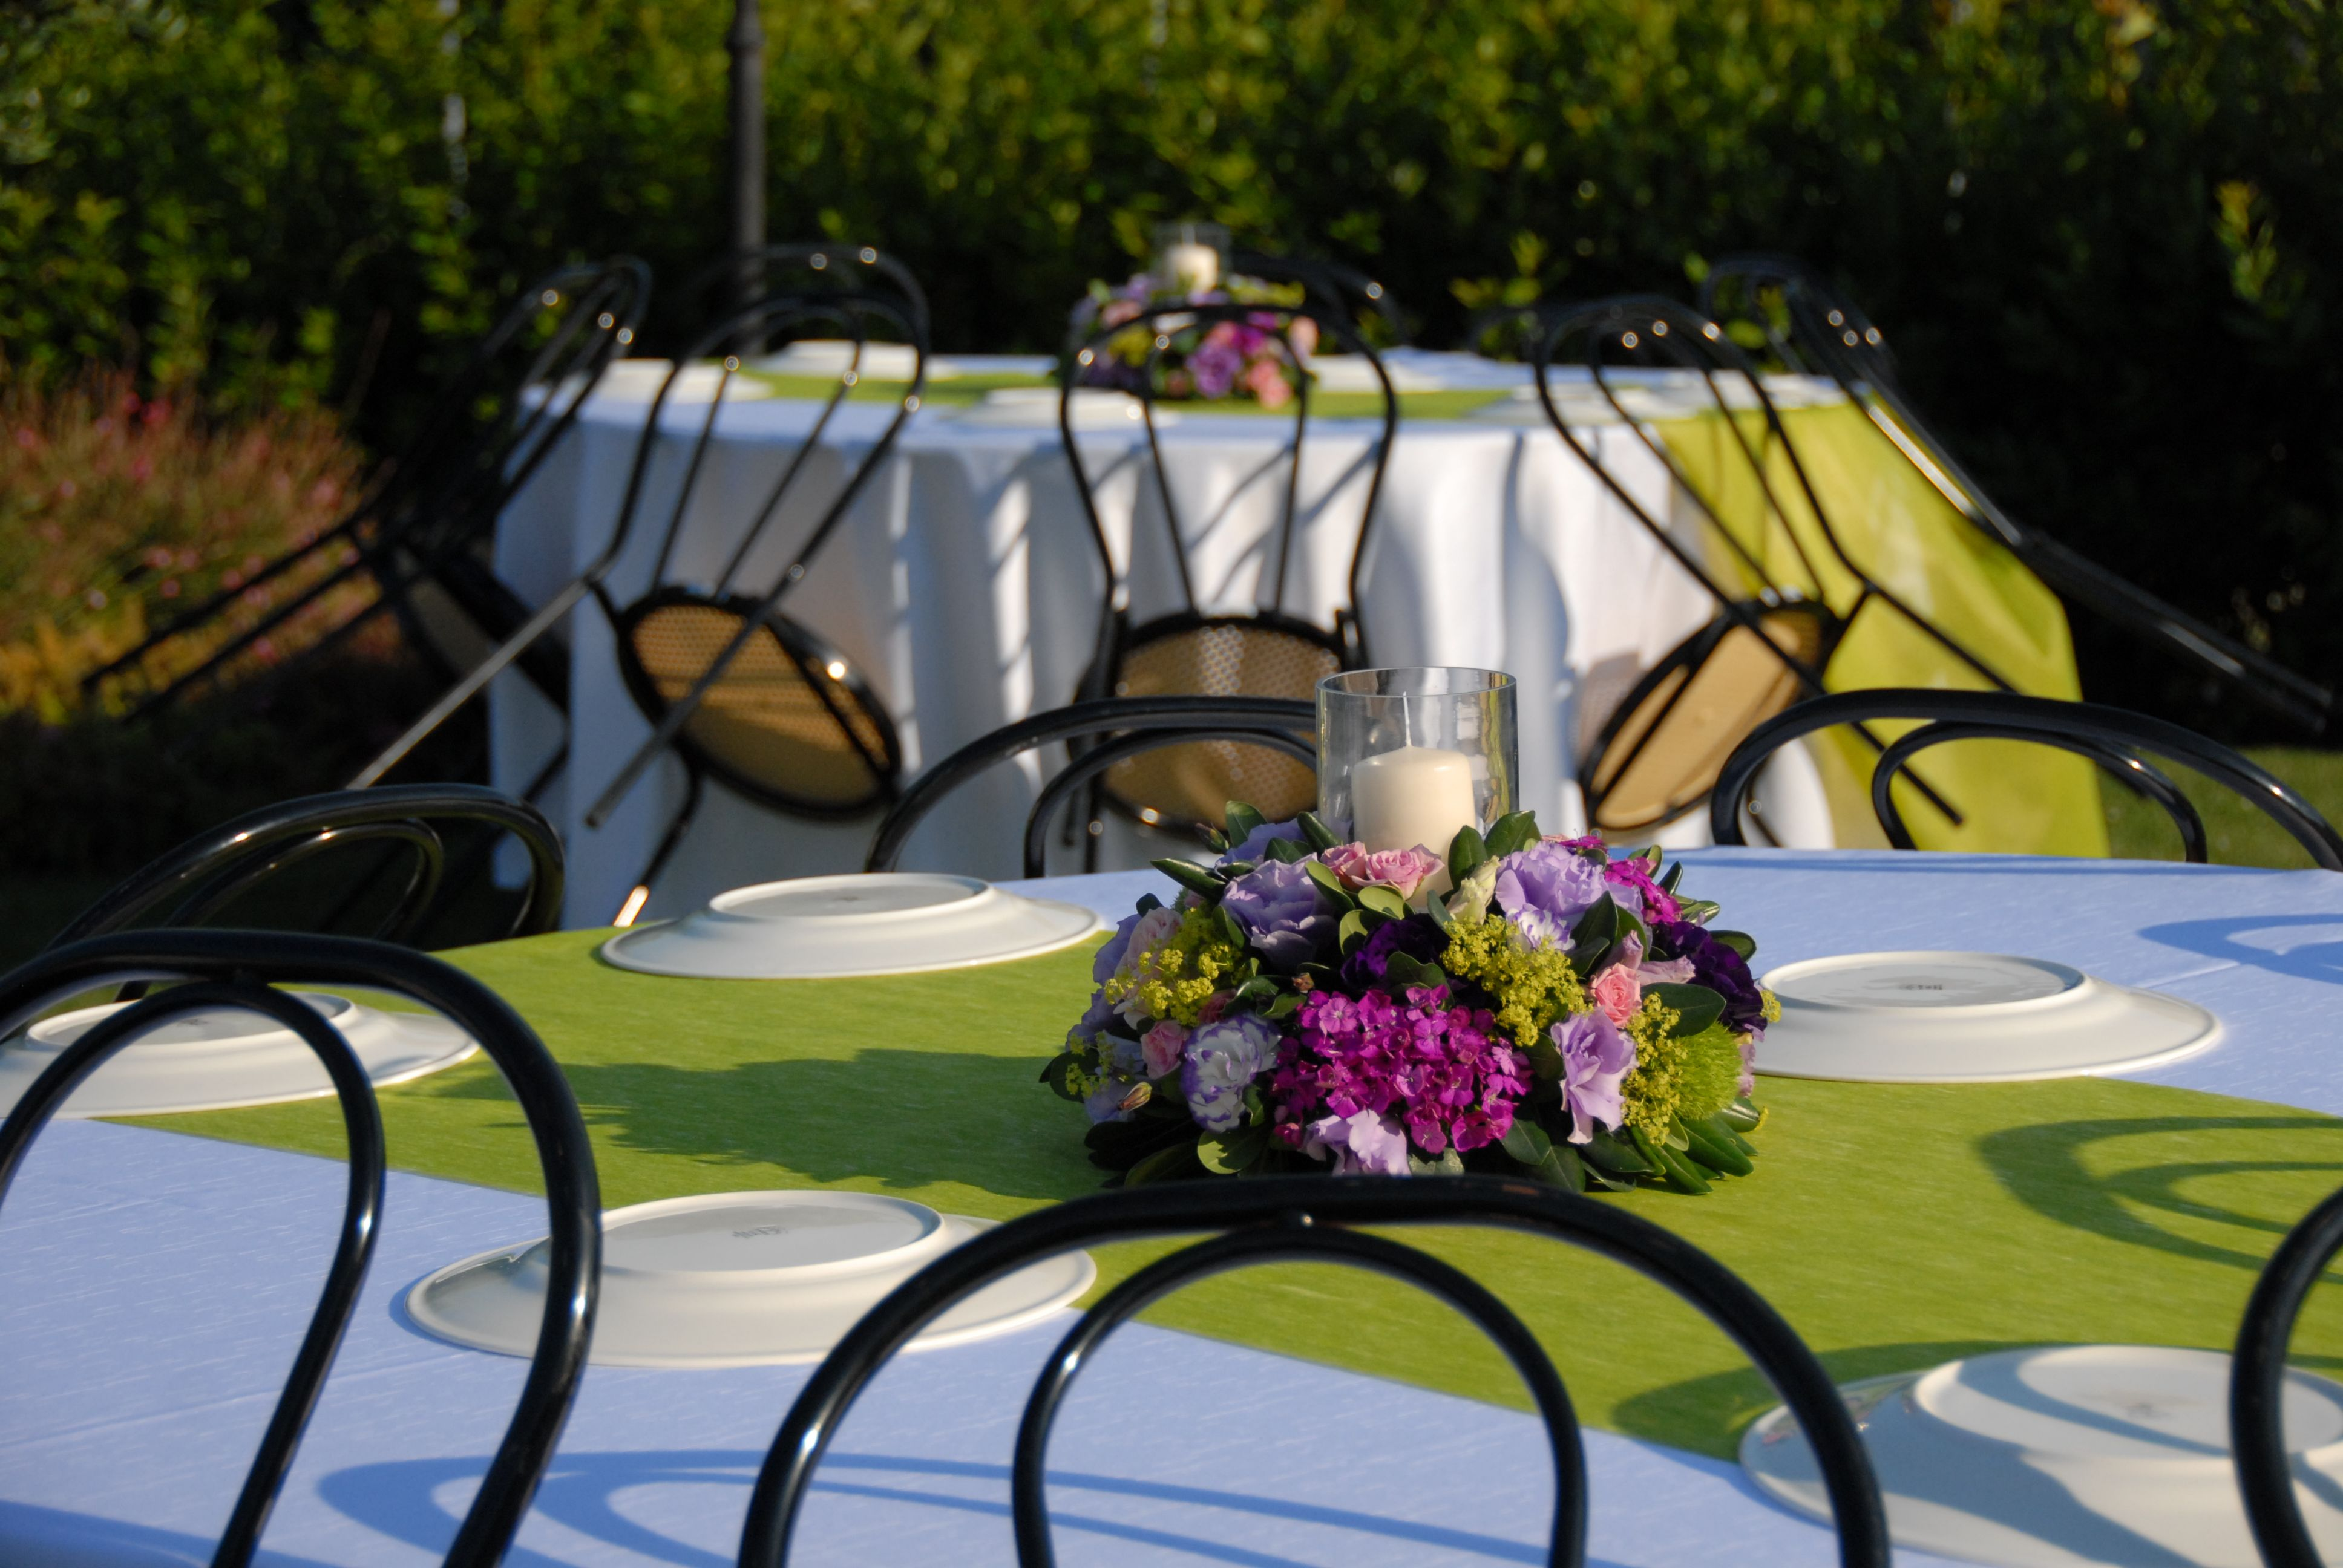 Elegant in giardino privato with allestire giardino for Allestire un piccolo giardino